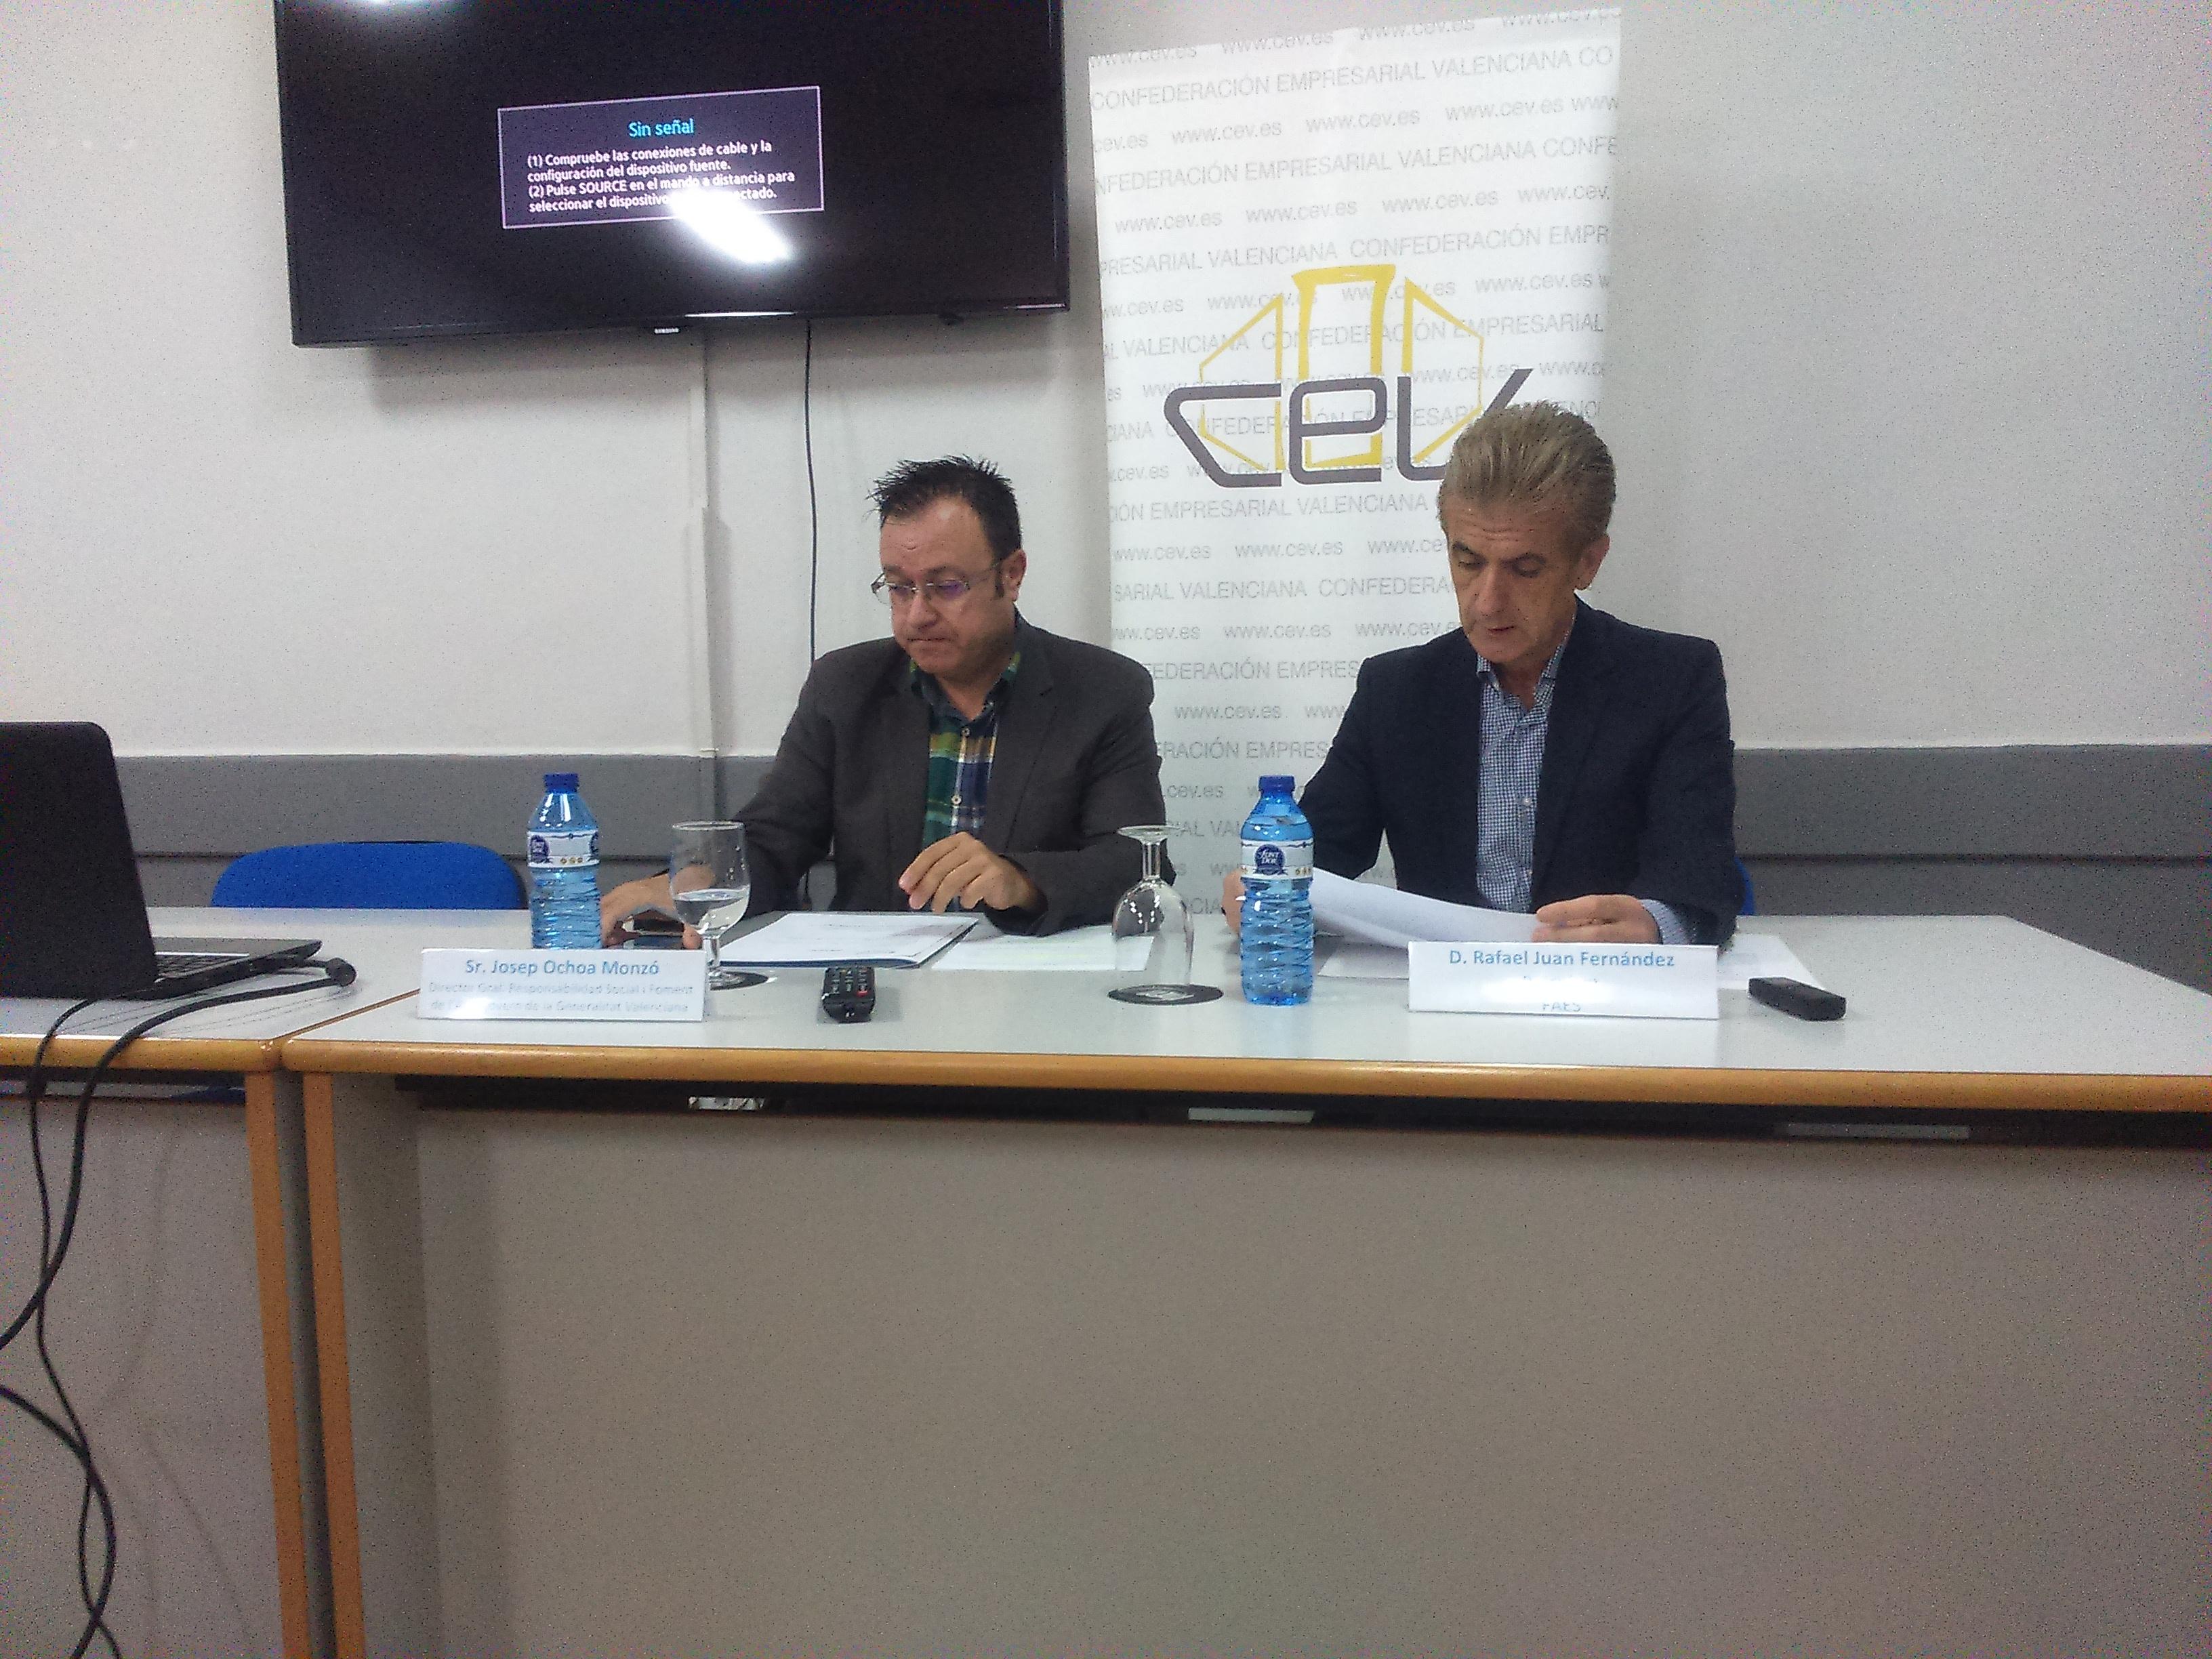 Juan y Ochoa durante la presentación